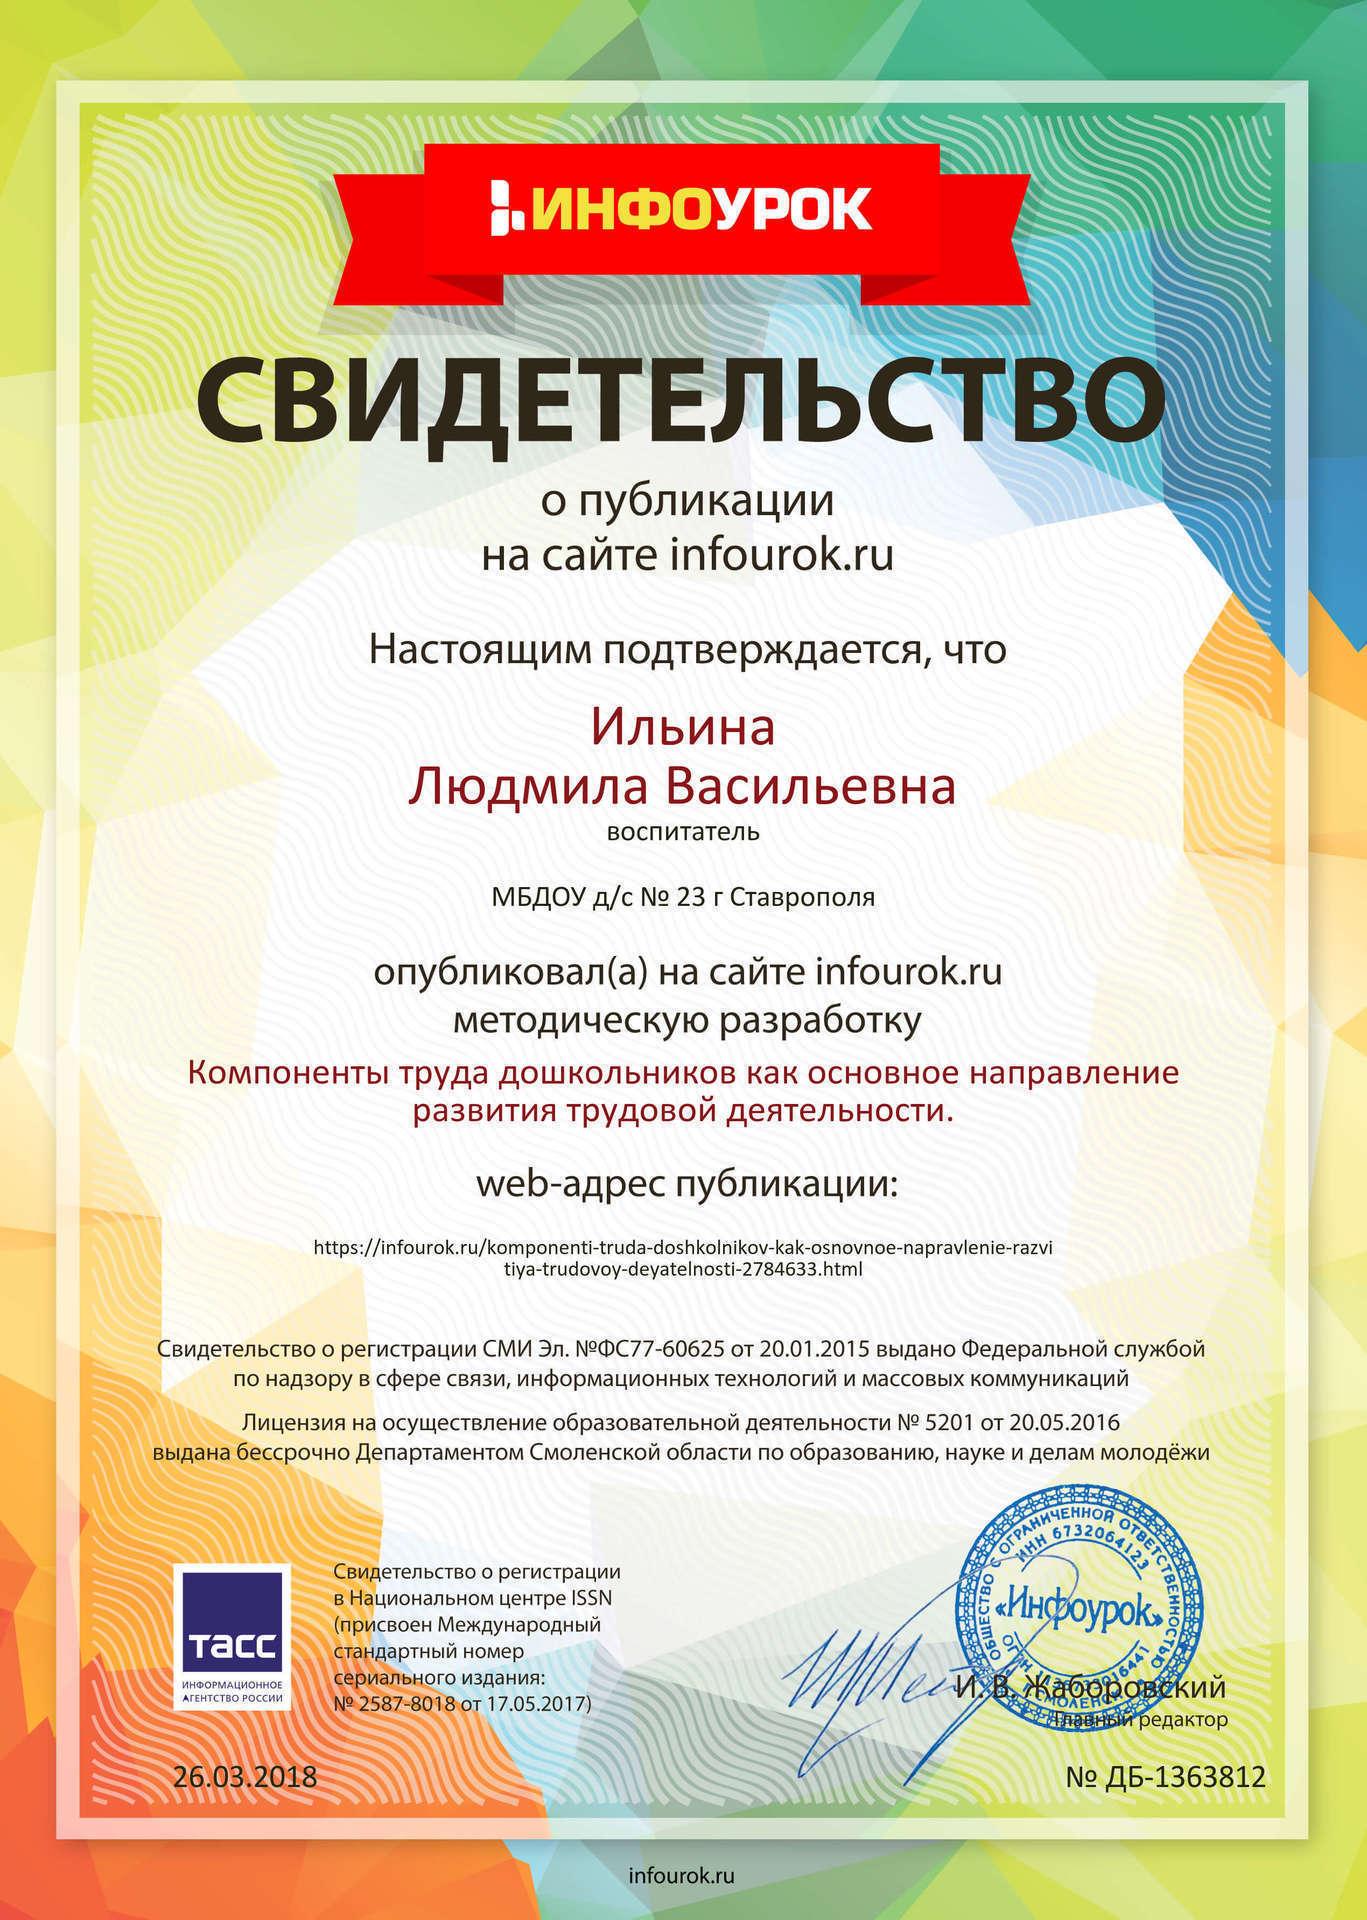 Свидетельство-проекта-infourok.ru-№1363812